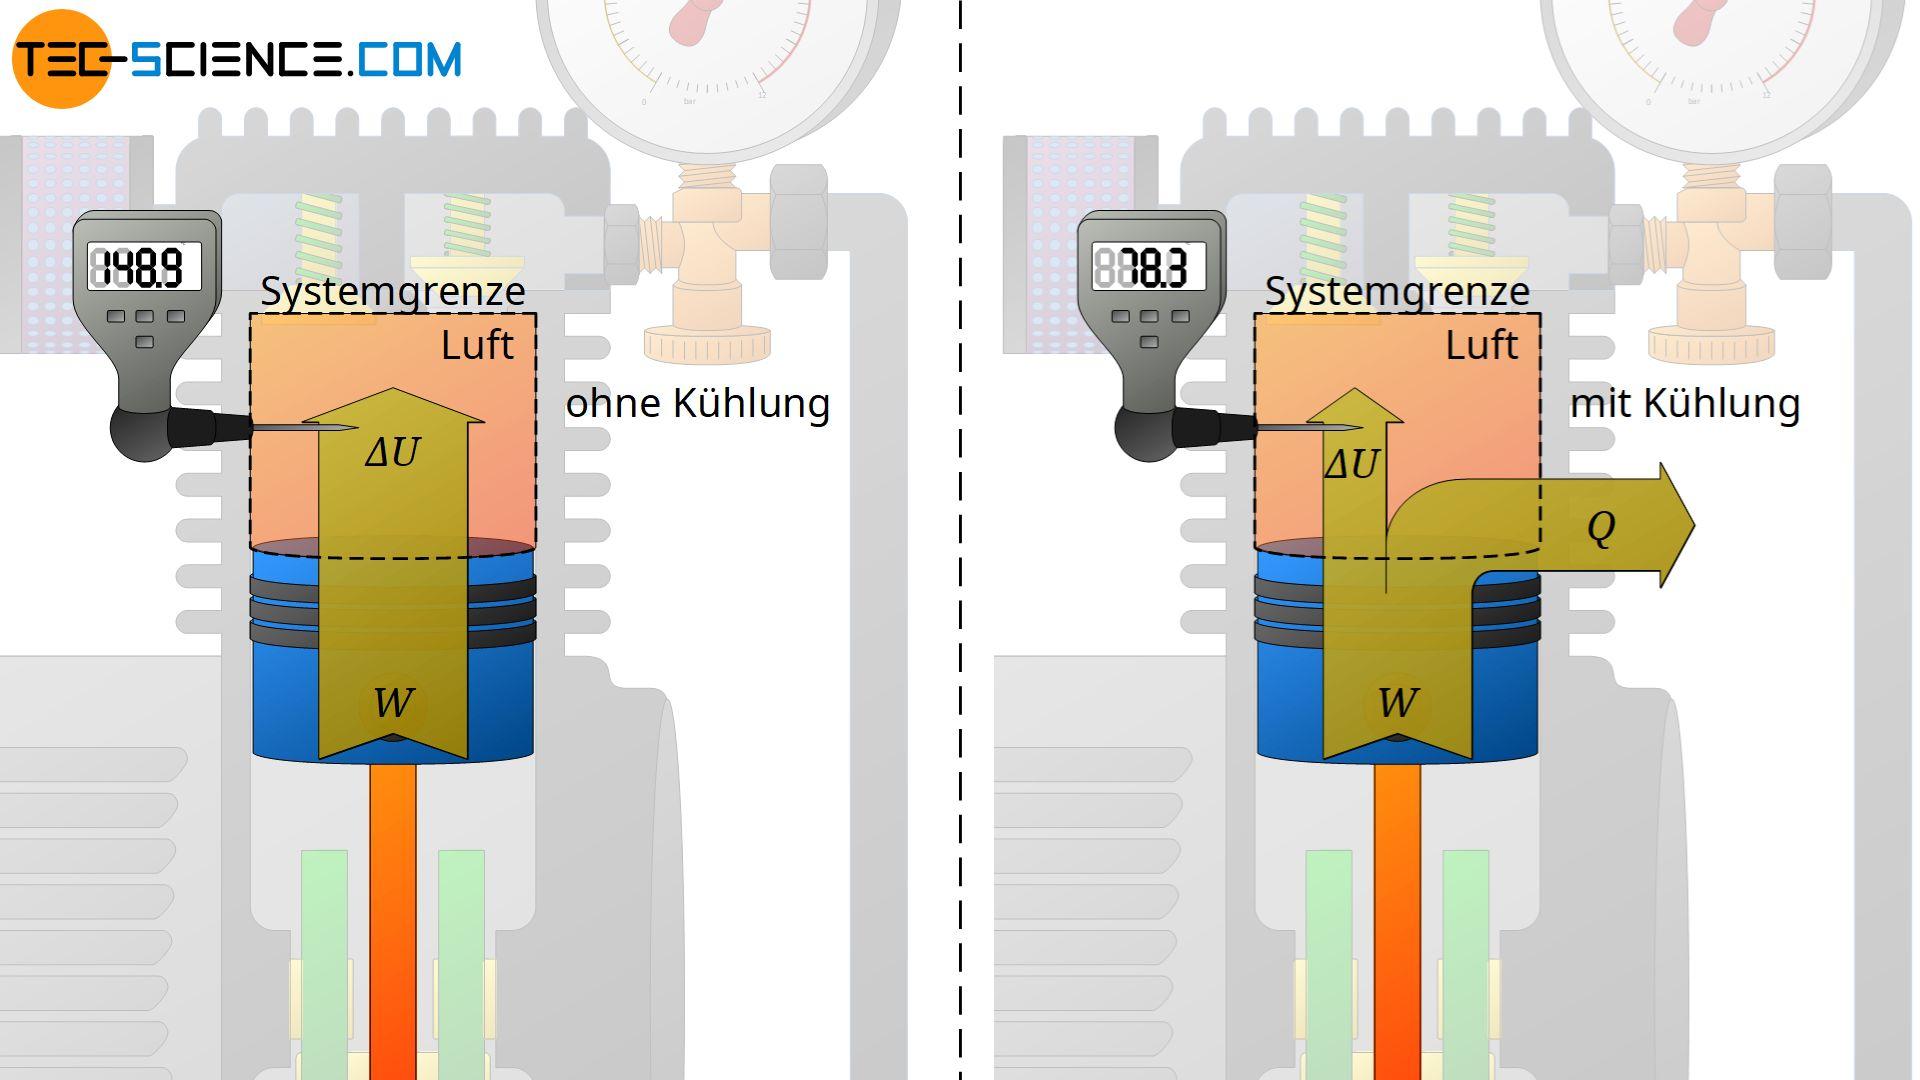 Energieflussdiagramm für das Verdichten von Luft mit einem Kompressor